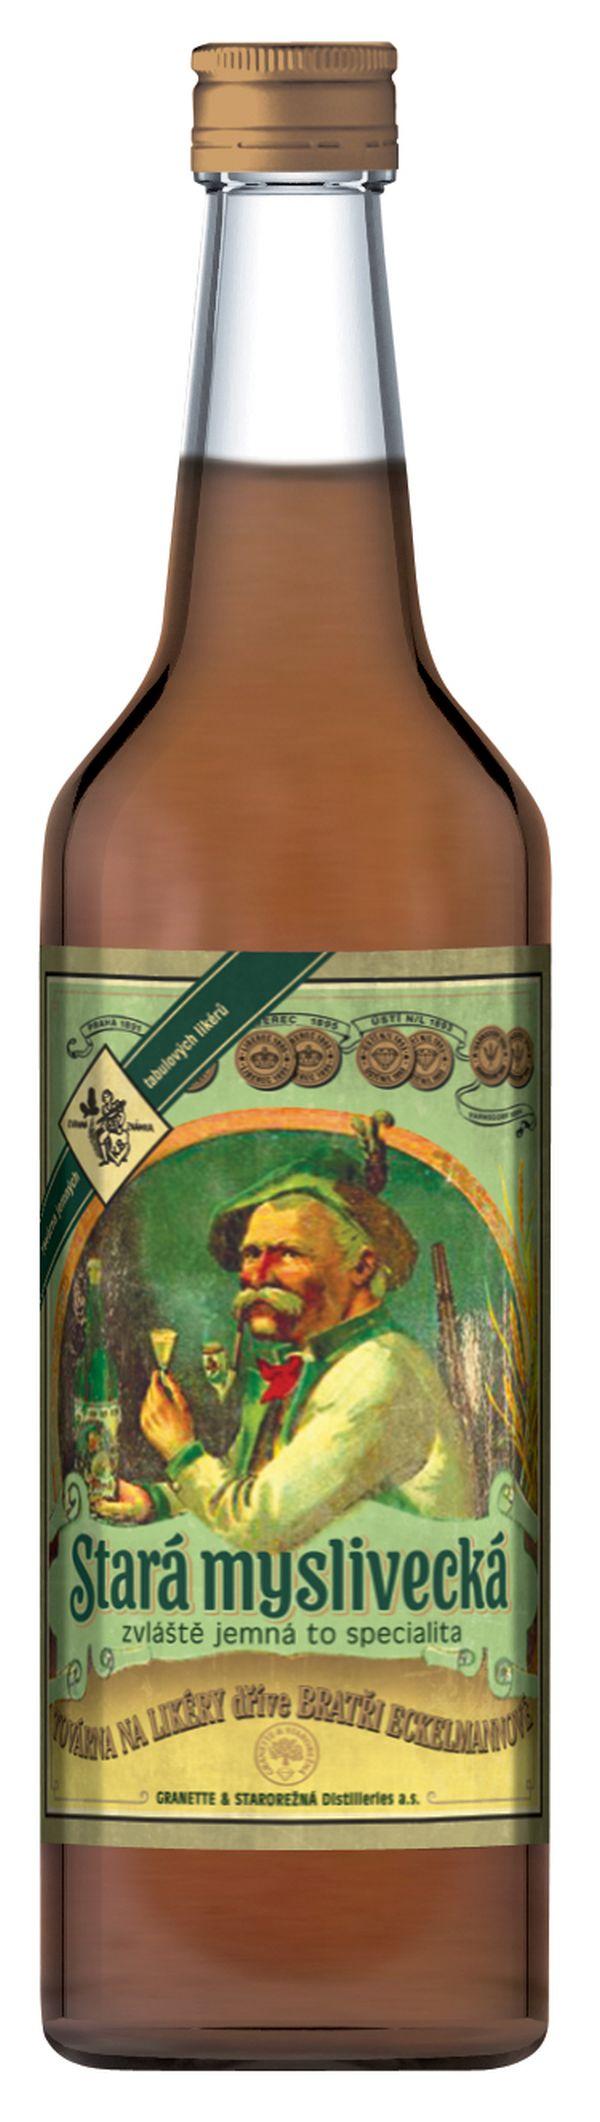 Nebude chybět ani lahev Staré myslivecké s původní etiketou